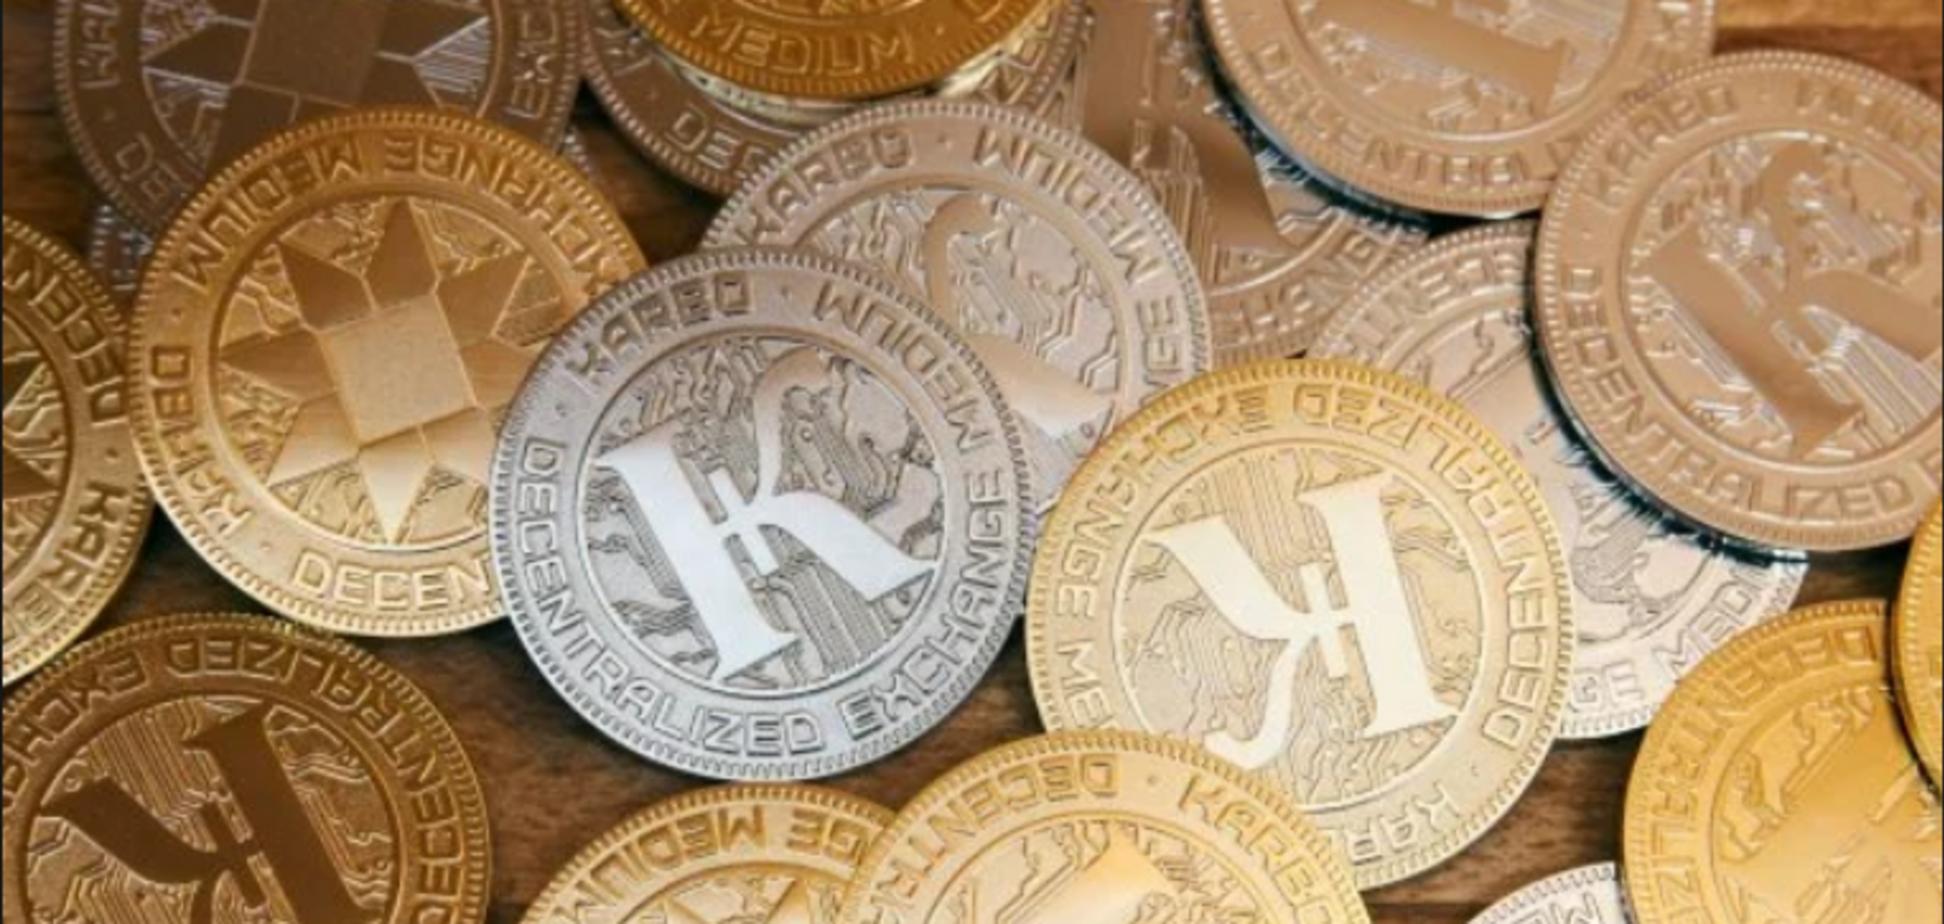 Украинская Karbo вошла в топ-10 анонимных криптовалют в мире